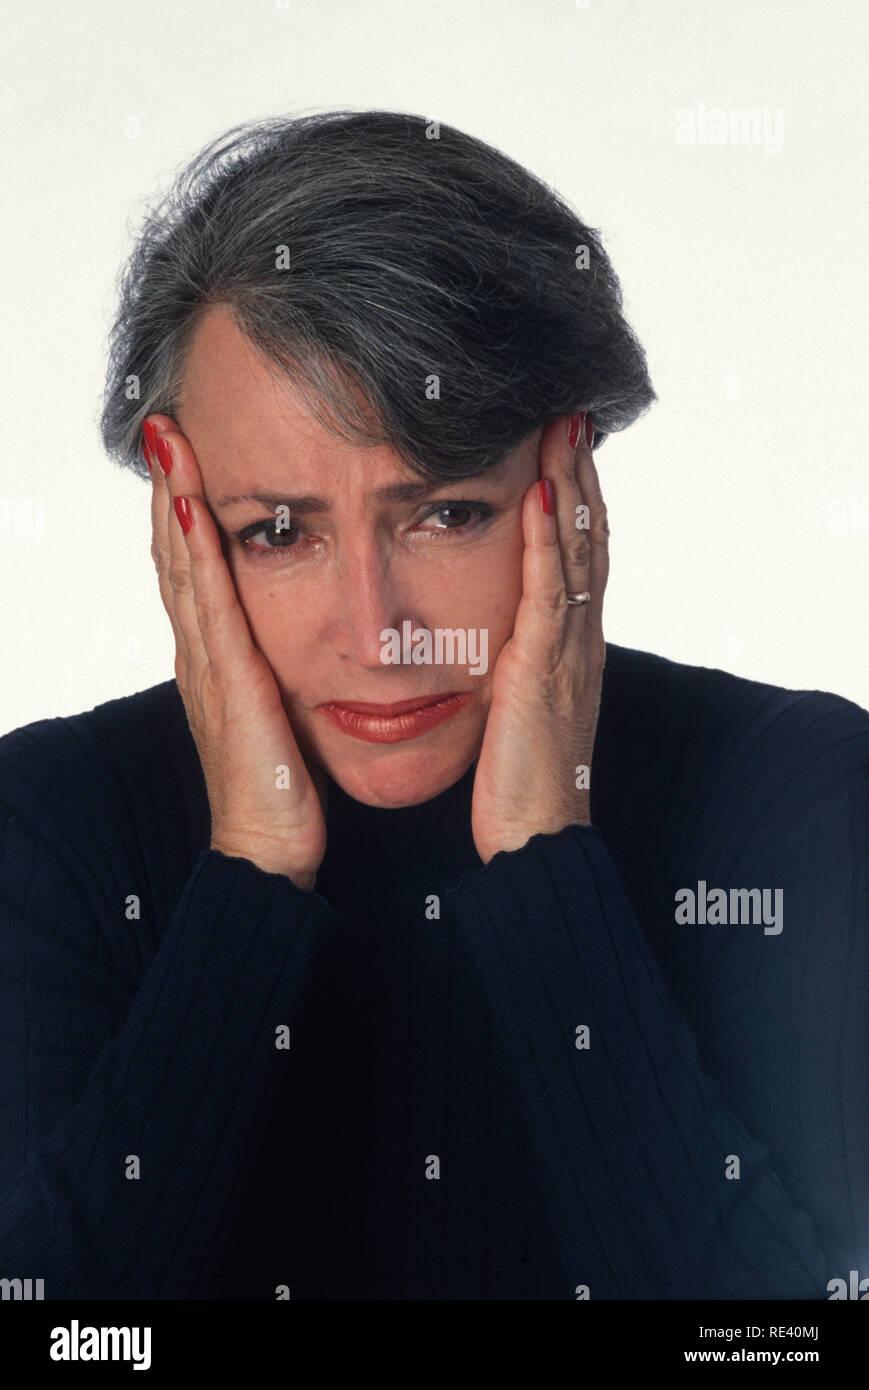 Sad Senior Woman Looking at Camera, USA - Stock Image